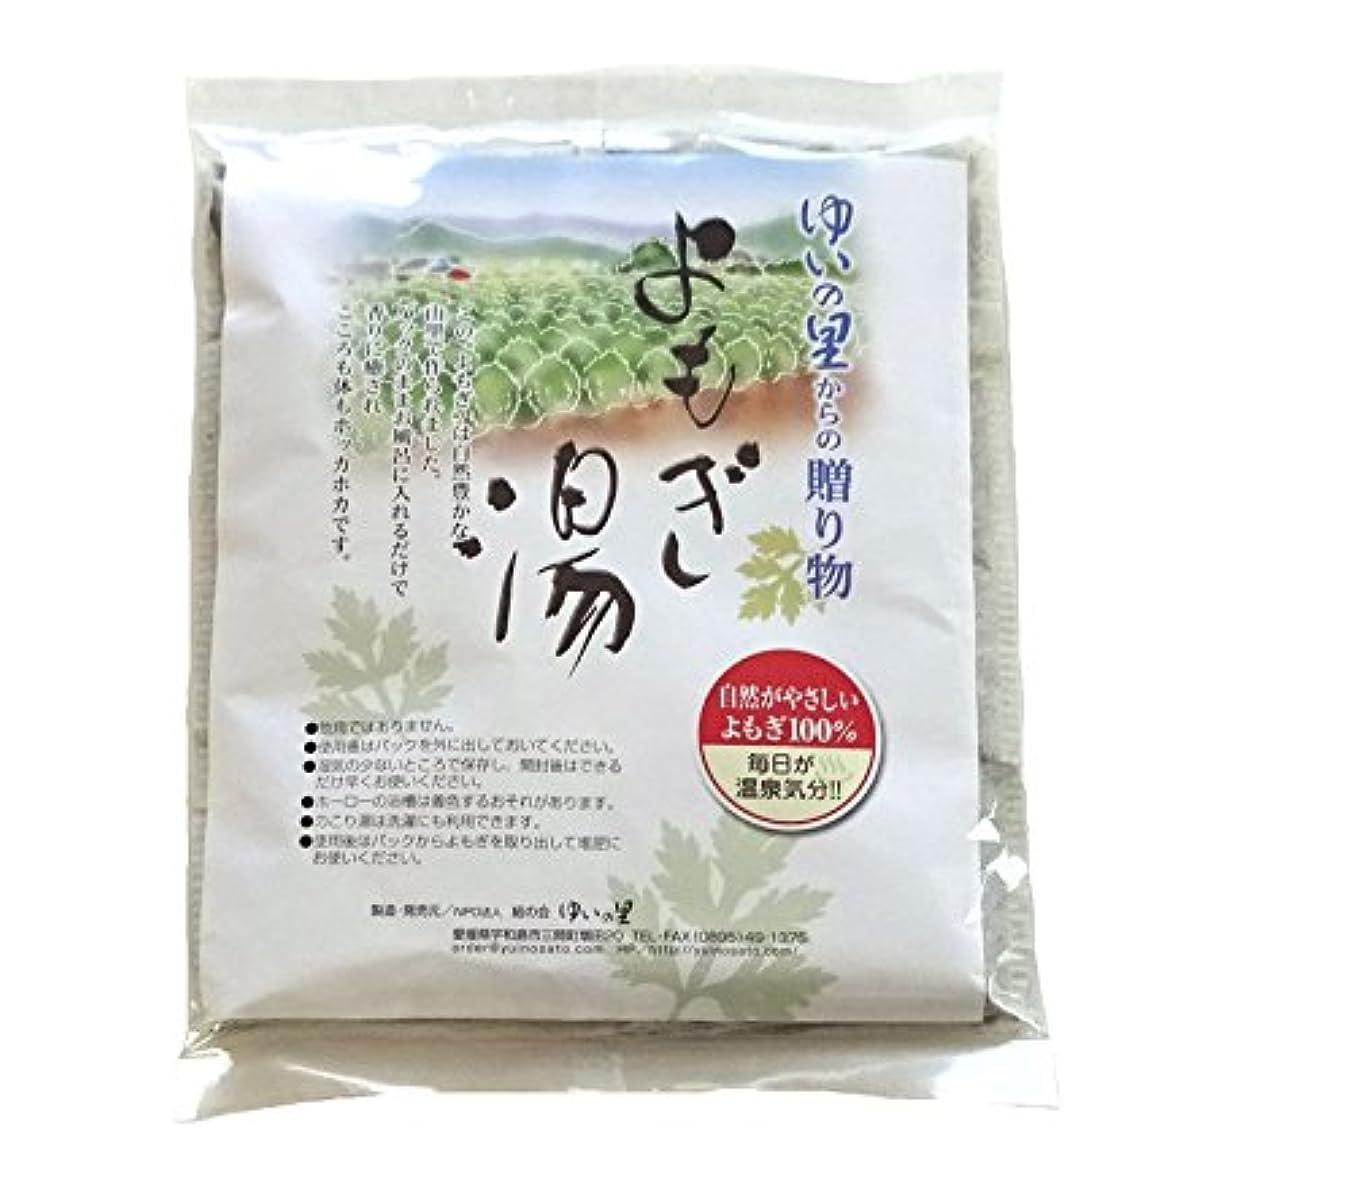 地震ボックス圧縮よもぎ湯入浴パック (10パック入) 愛媛県産 自家栽培よもぎ100%使用